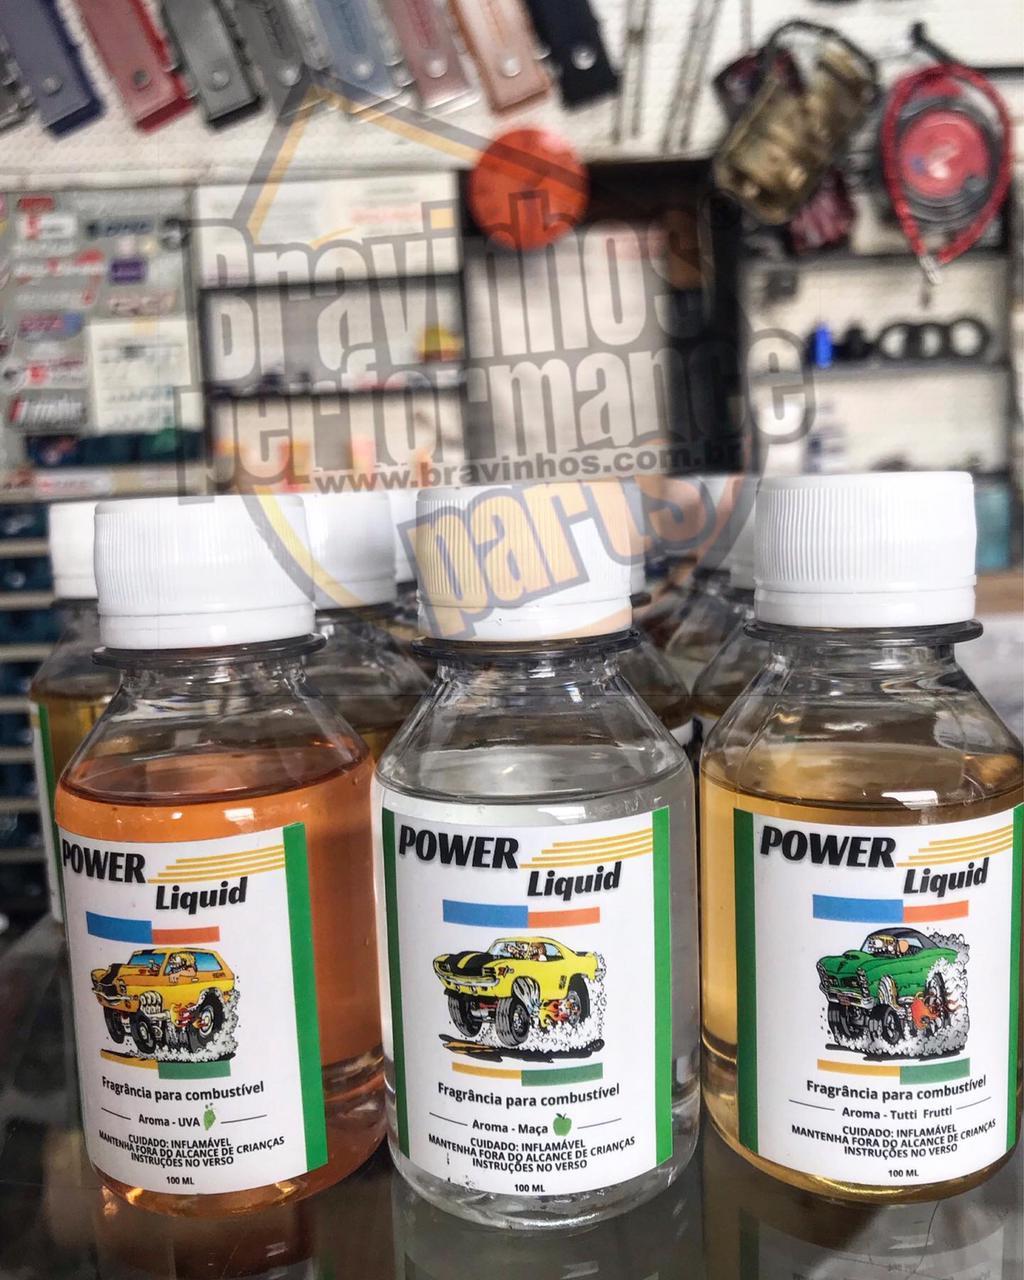 Cheirinho Aromatizante de Combustível Frasco 100ml Power Liquid